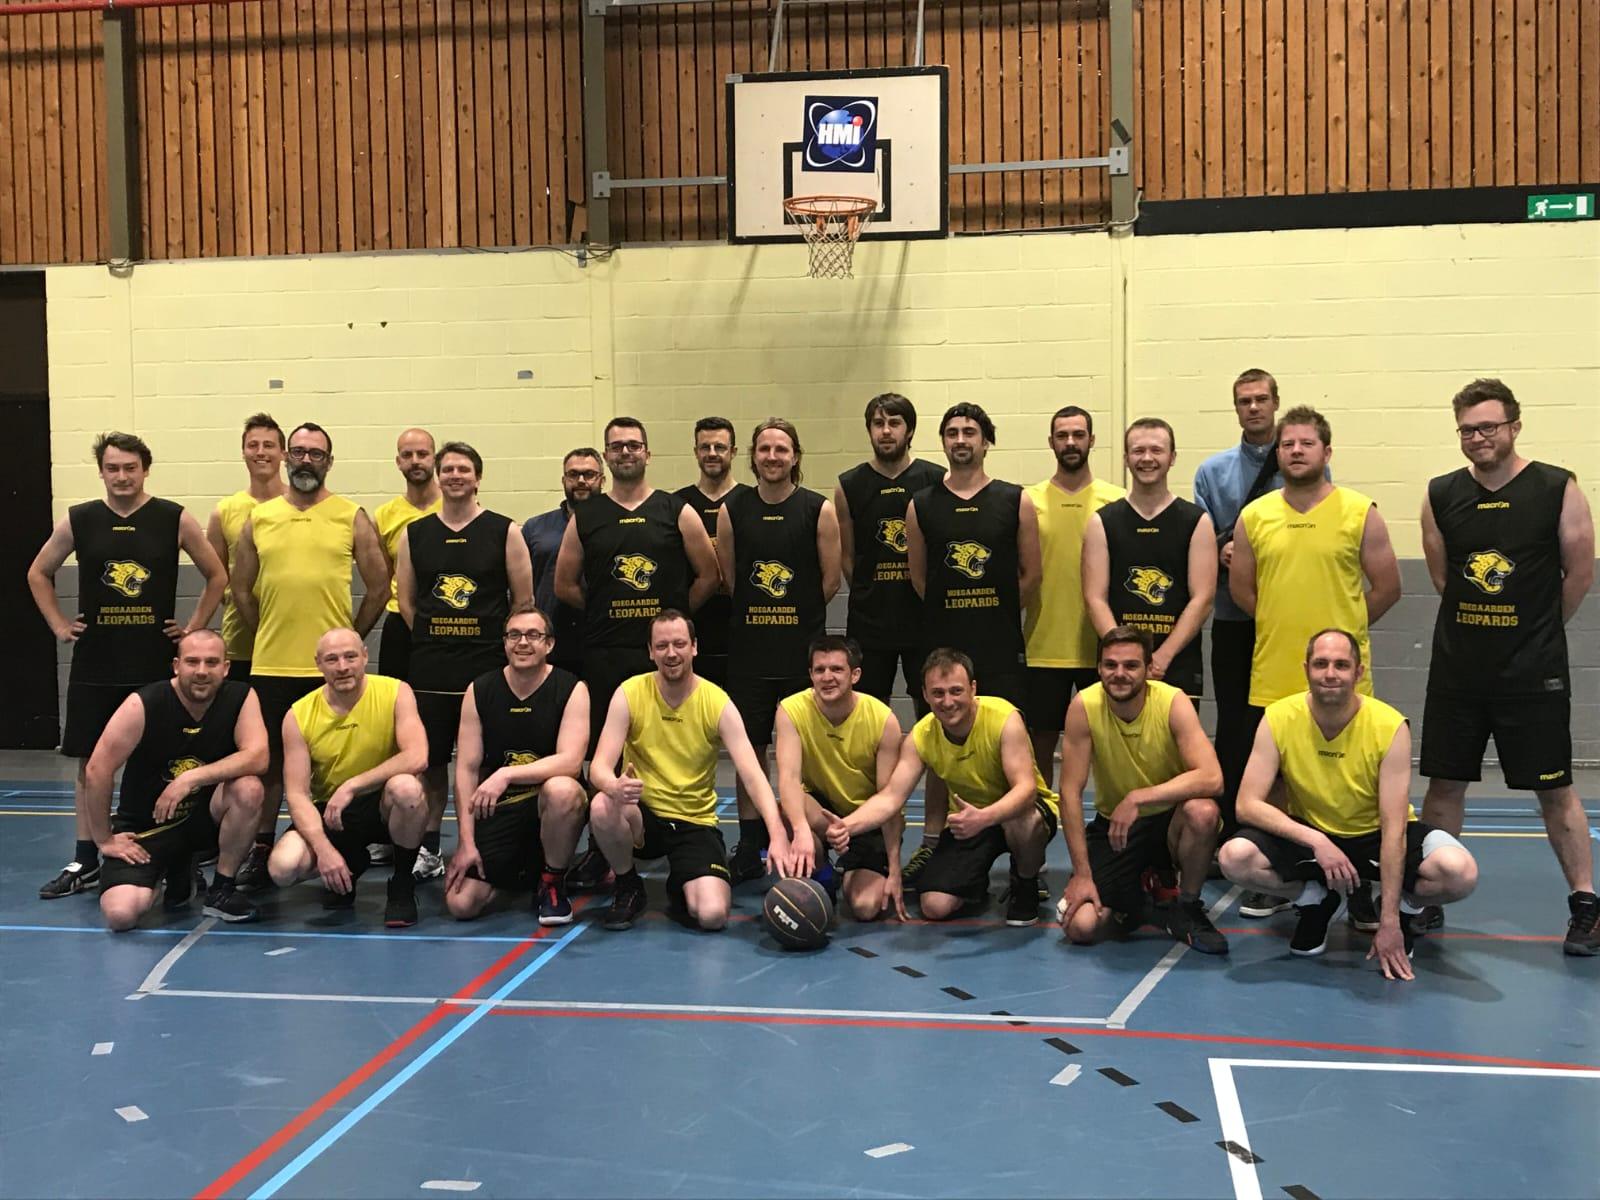 Basketbalclub Hoegaarden Leopards bijna aan eerste lustrum toe. Nieuwe spelers welkom!